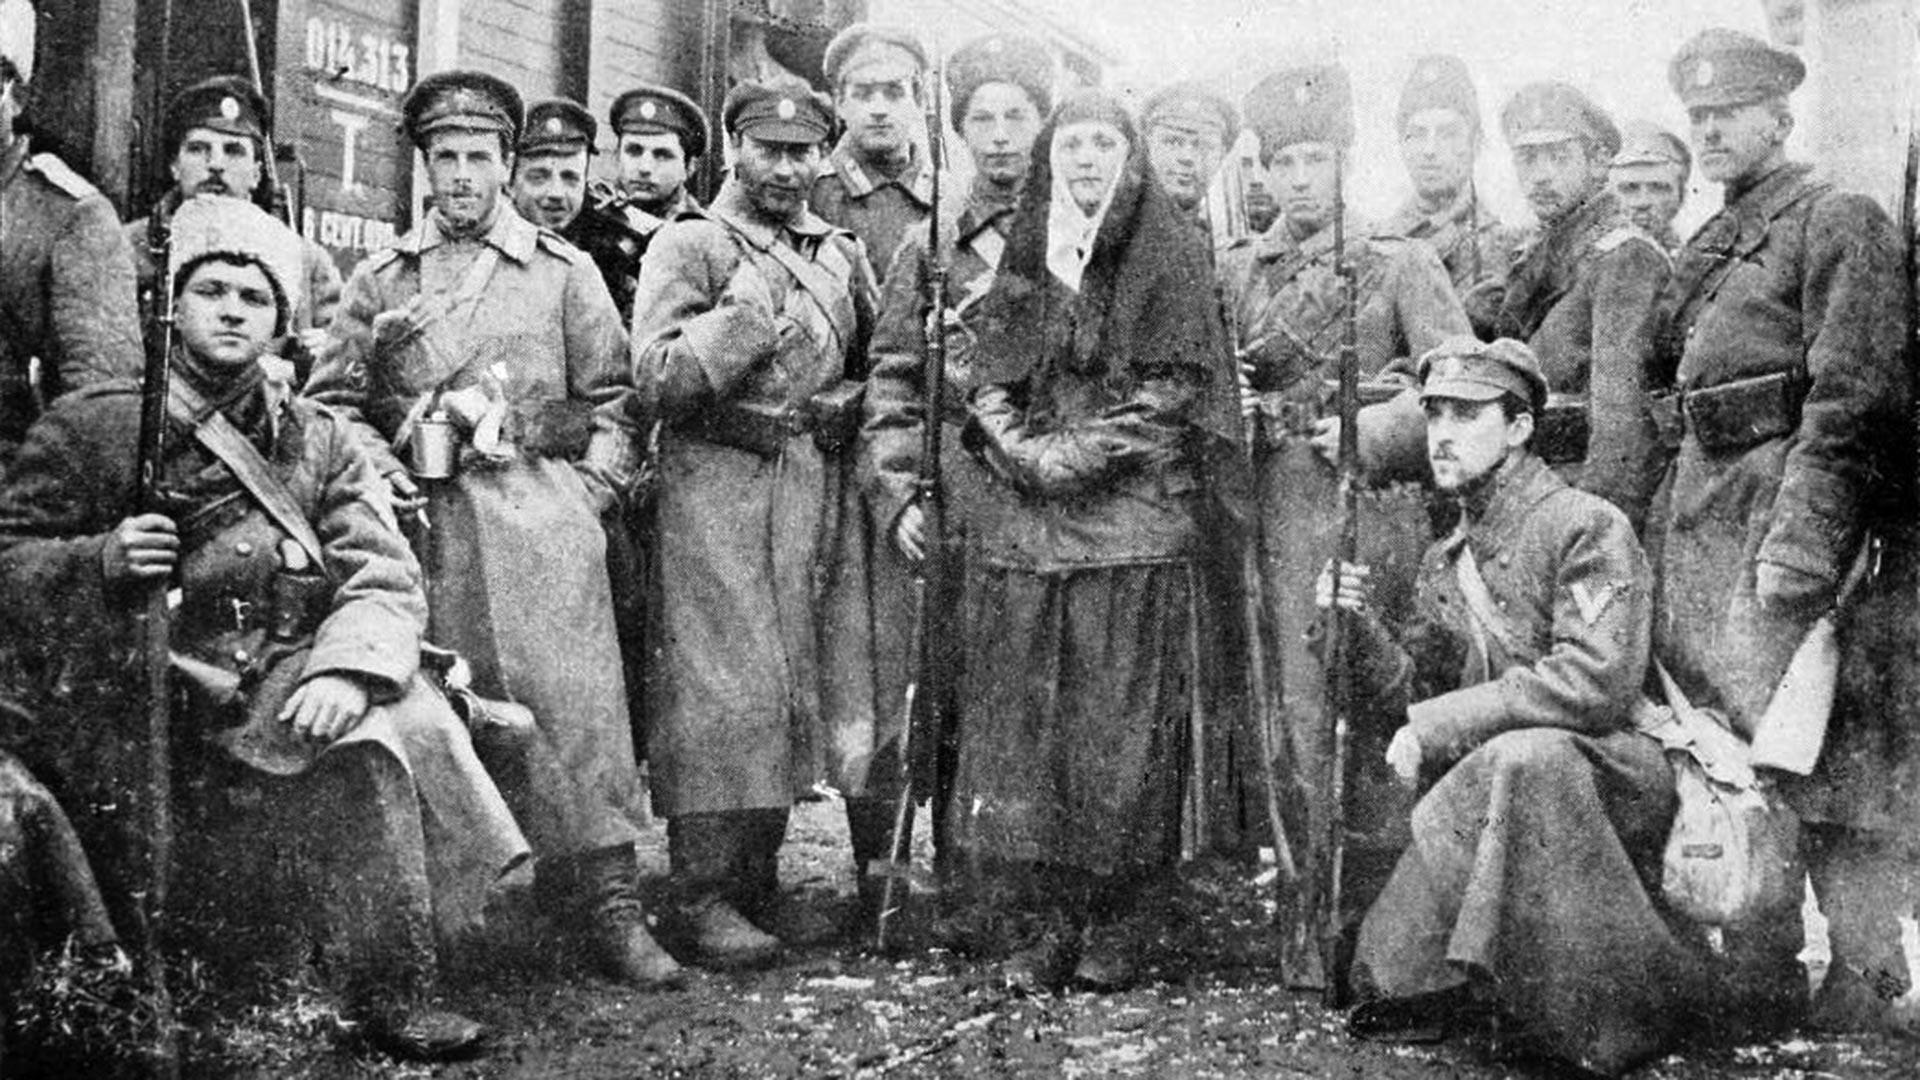 La compagnia di fanteria dell'esercito volontario composta da ufficiali di guardia